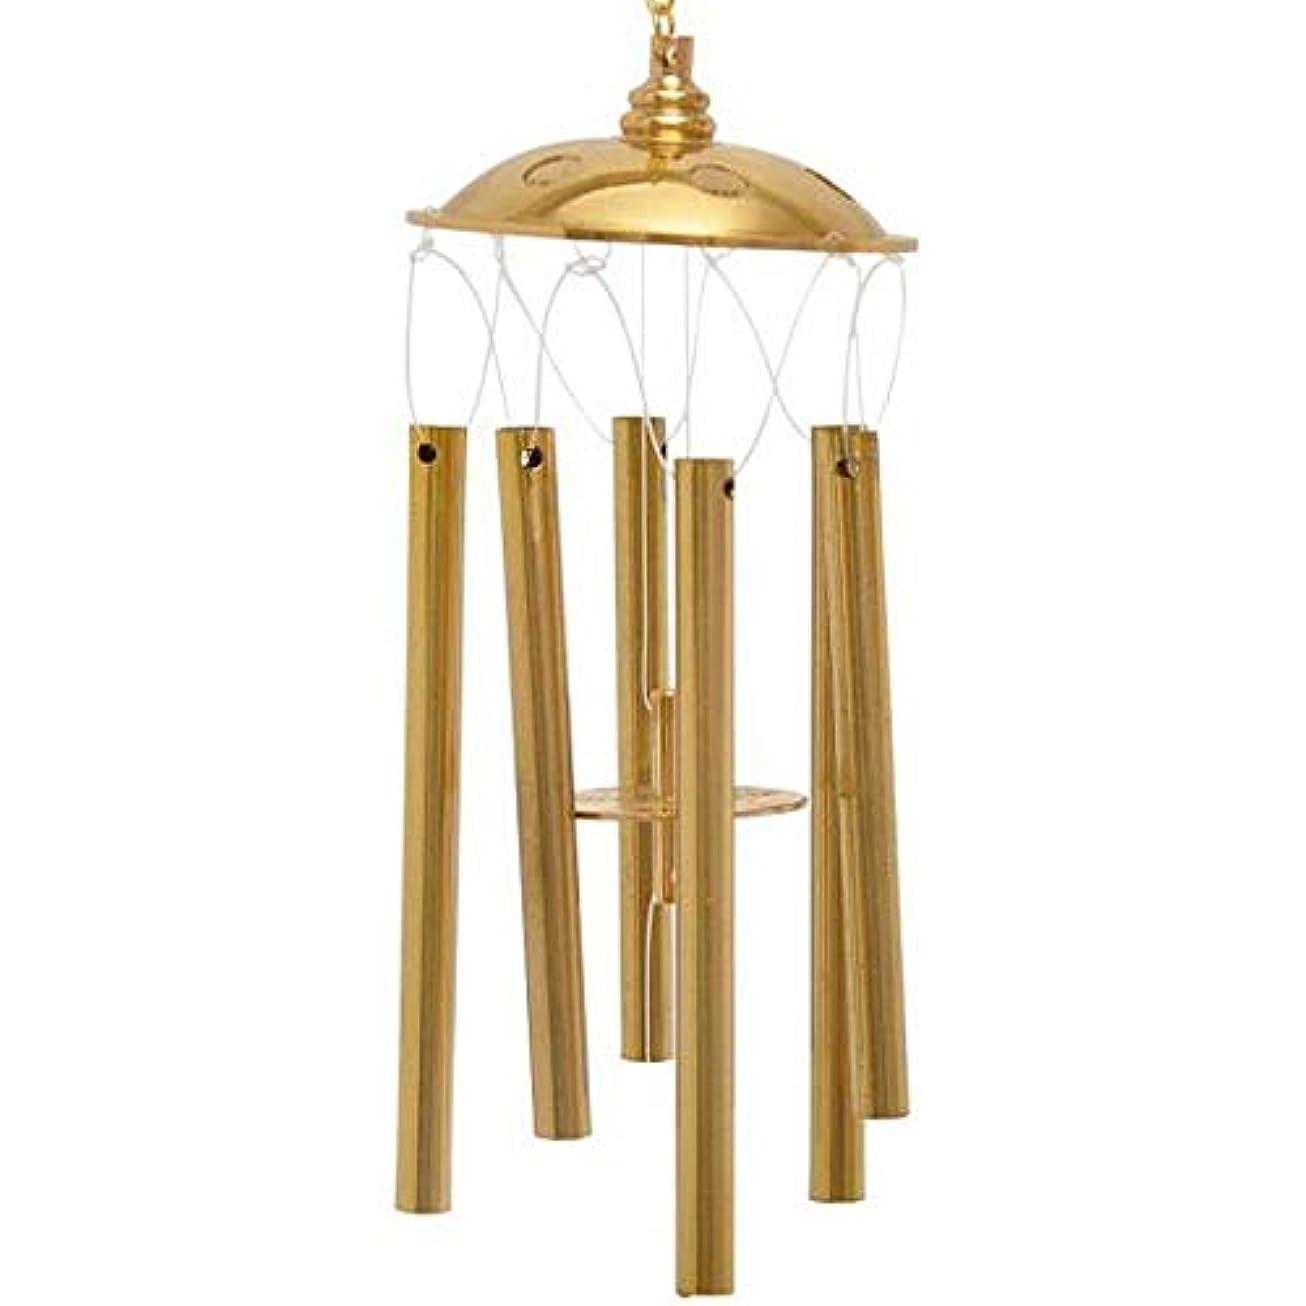 まっすぐにするアラート腸Hongyushanghang 風チャイム、真鍮ホームデコレーション6チューブ風の鐘、ゴールド、全長約22CM,、ジュエリークリエイティブホリデーギフトを掛ける (Size : 27cm)